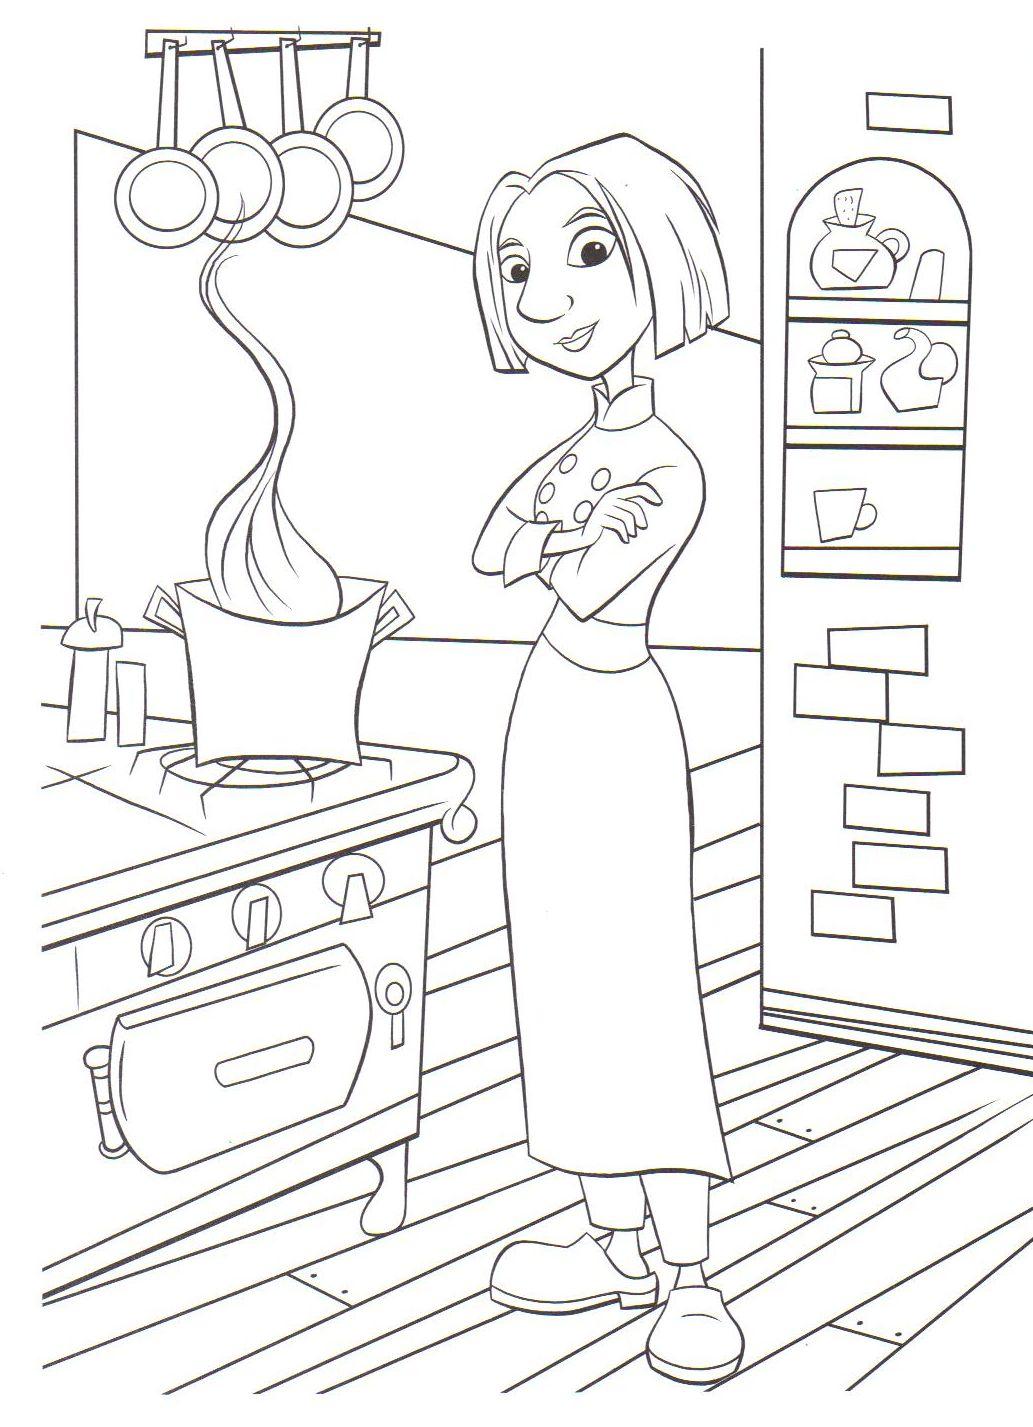 coloriage a imprimer ratatouille colette dans la cuisine gratuit et colorier. Black Bedroom Furniture Sets. Home Design Ideas